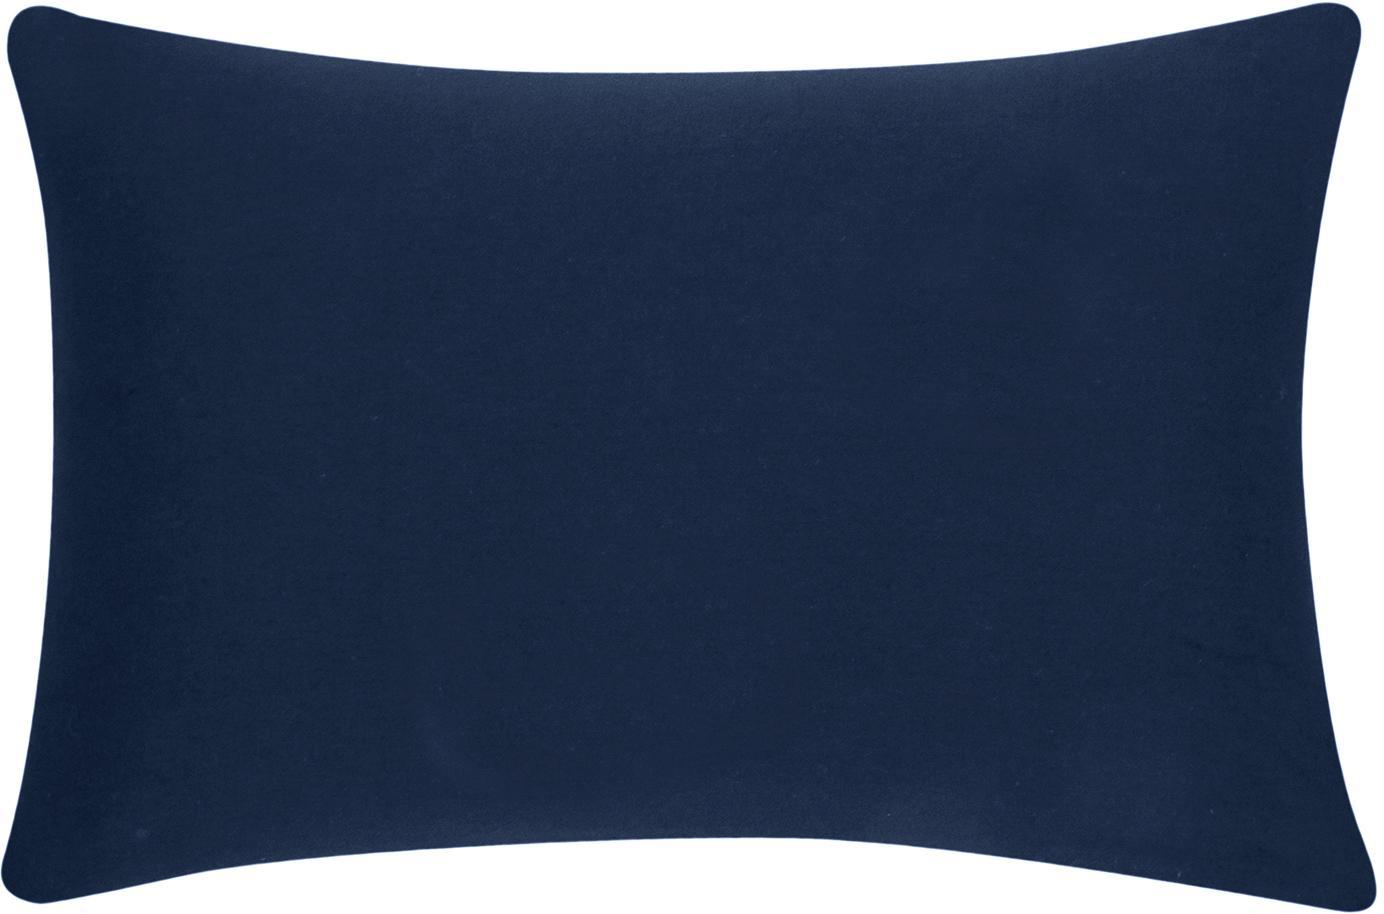 Funda de cojín de algodón Mads, 100%algodón, Azul marino, An 30 x L 50 cm